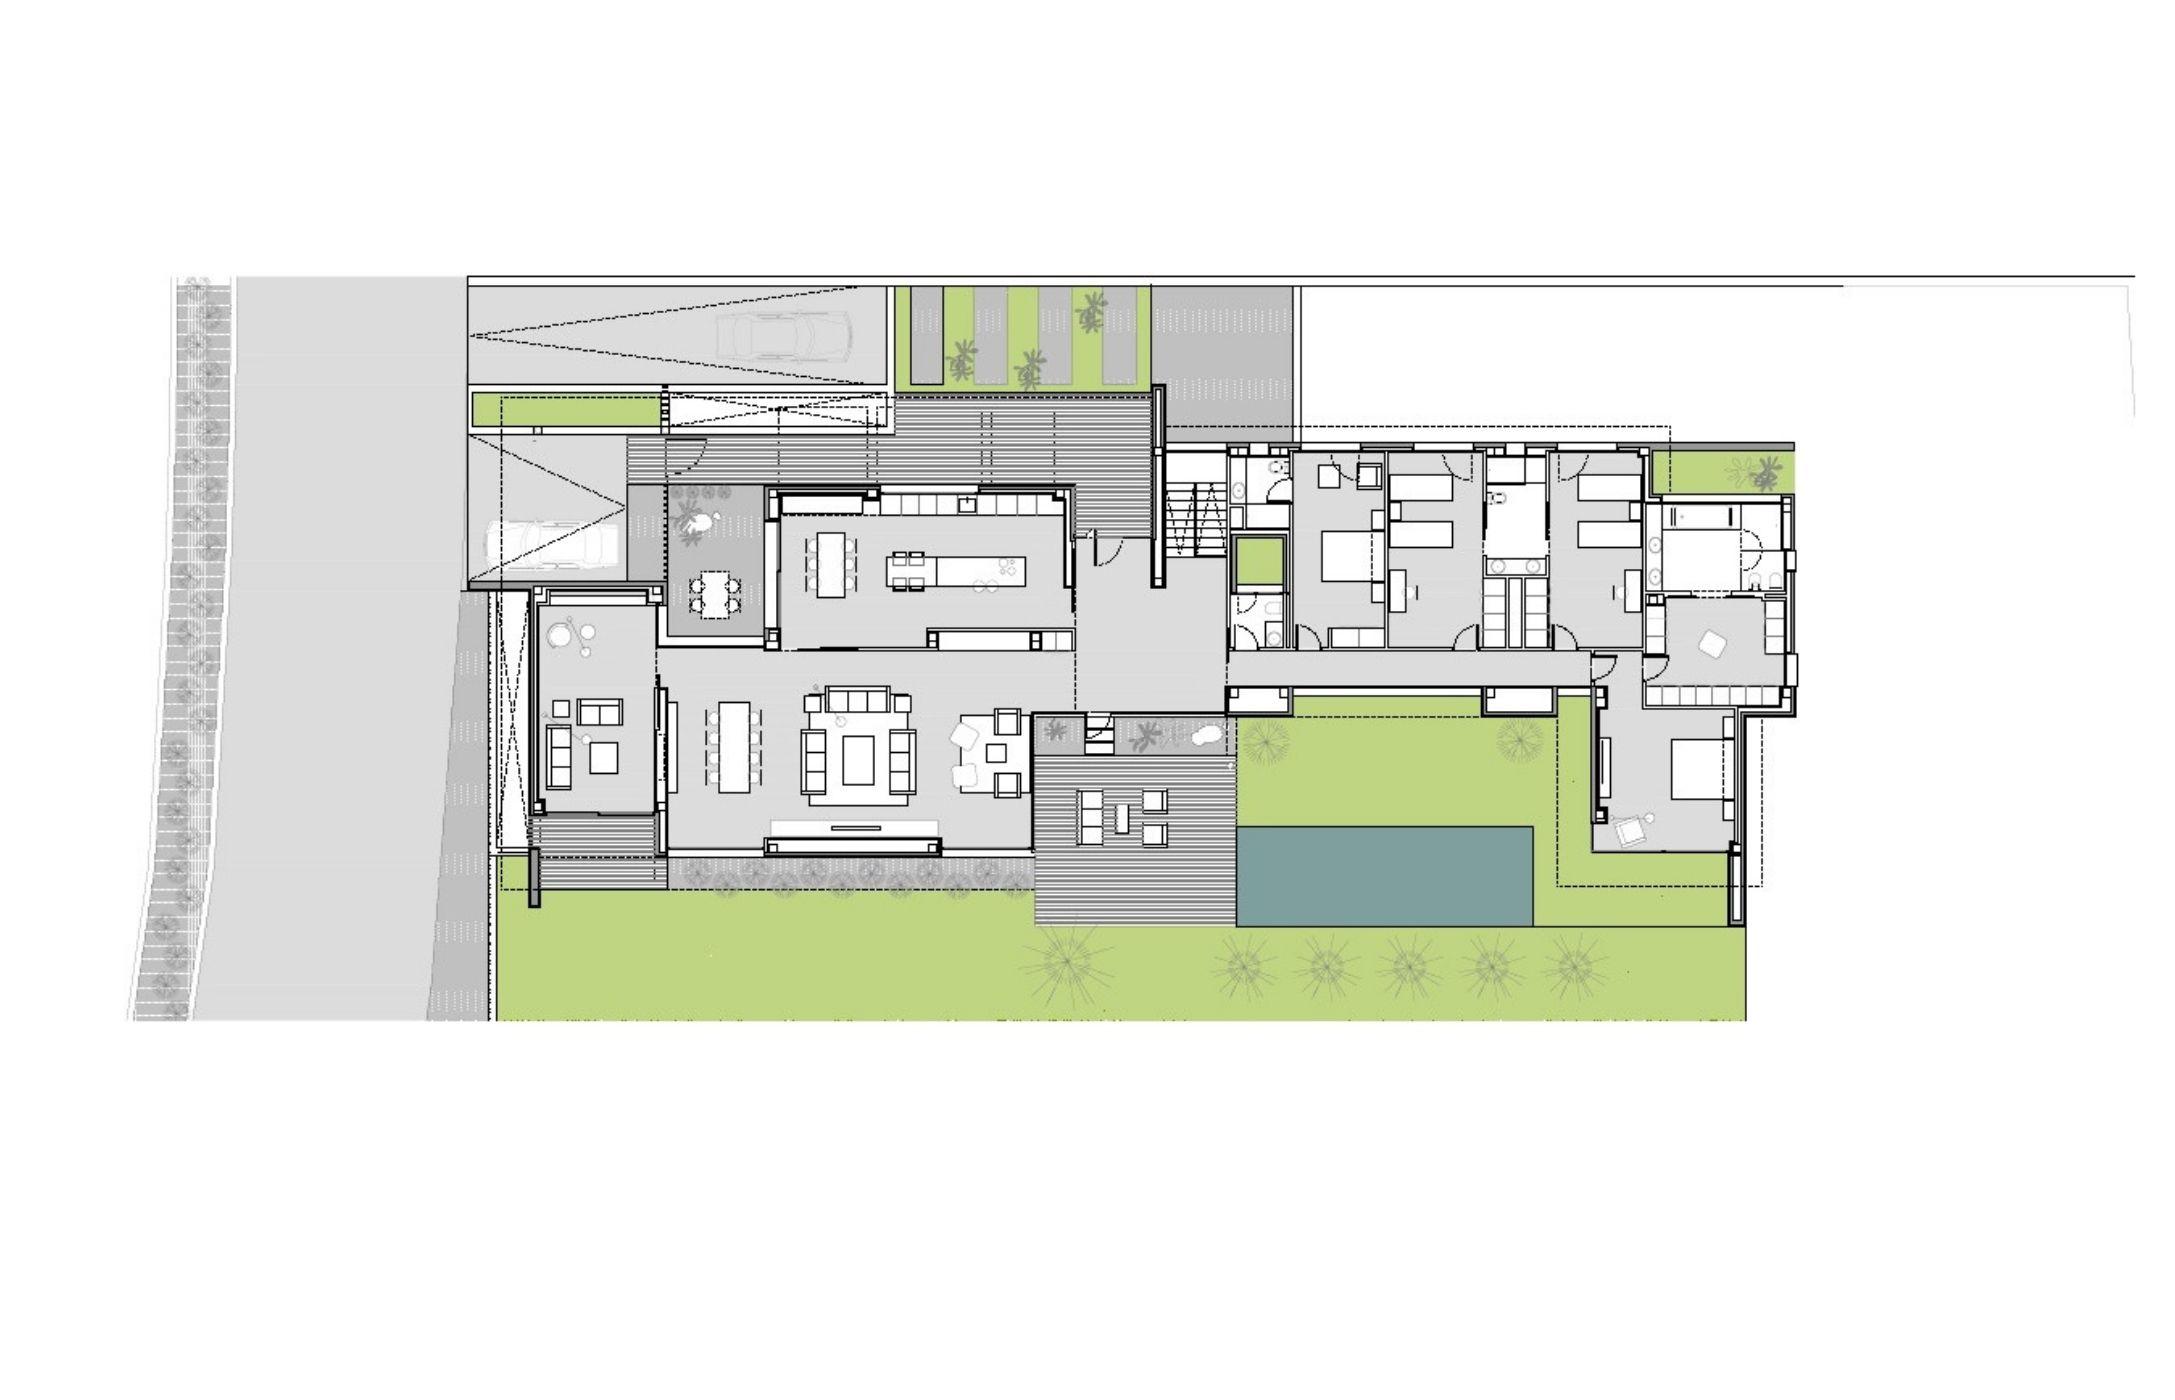 Conjunto integrado de 14 viviendas unifamiliares . Urbanización Valdecabañas, Boadilla del Monte, Madrid. Proyecto de FH2L Arquitectos